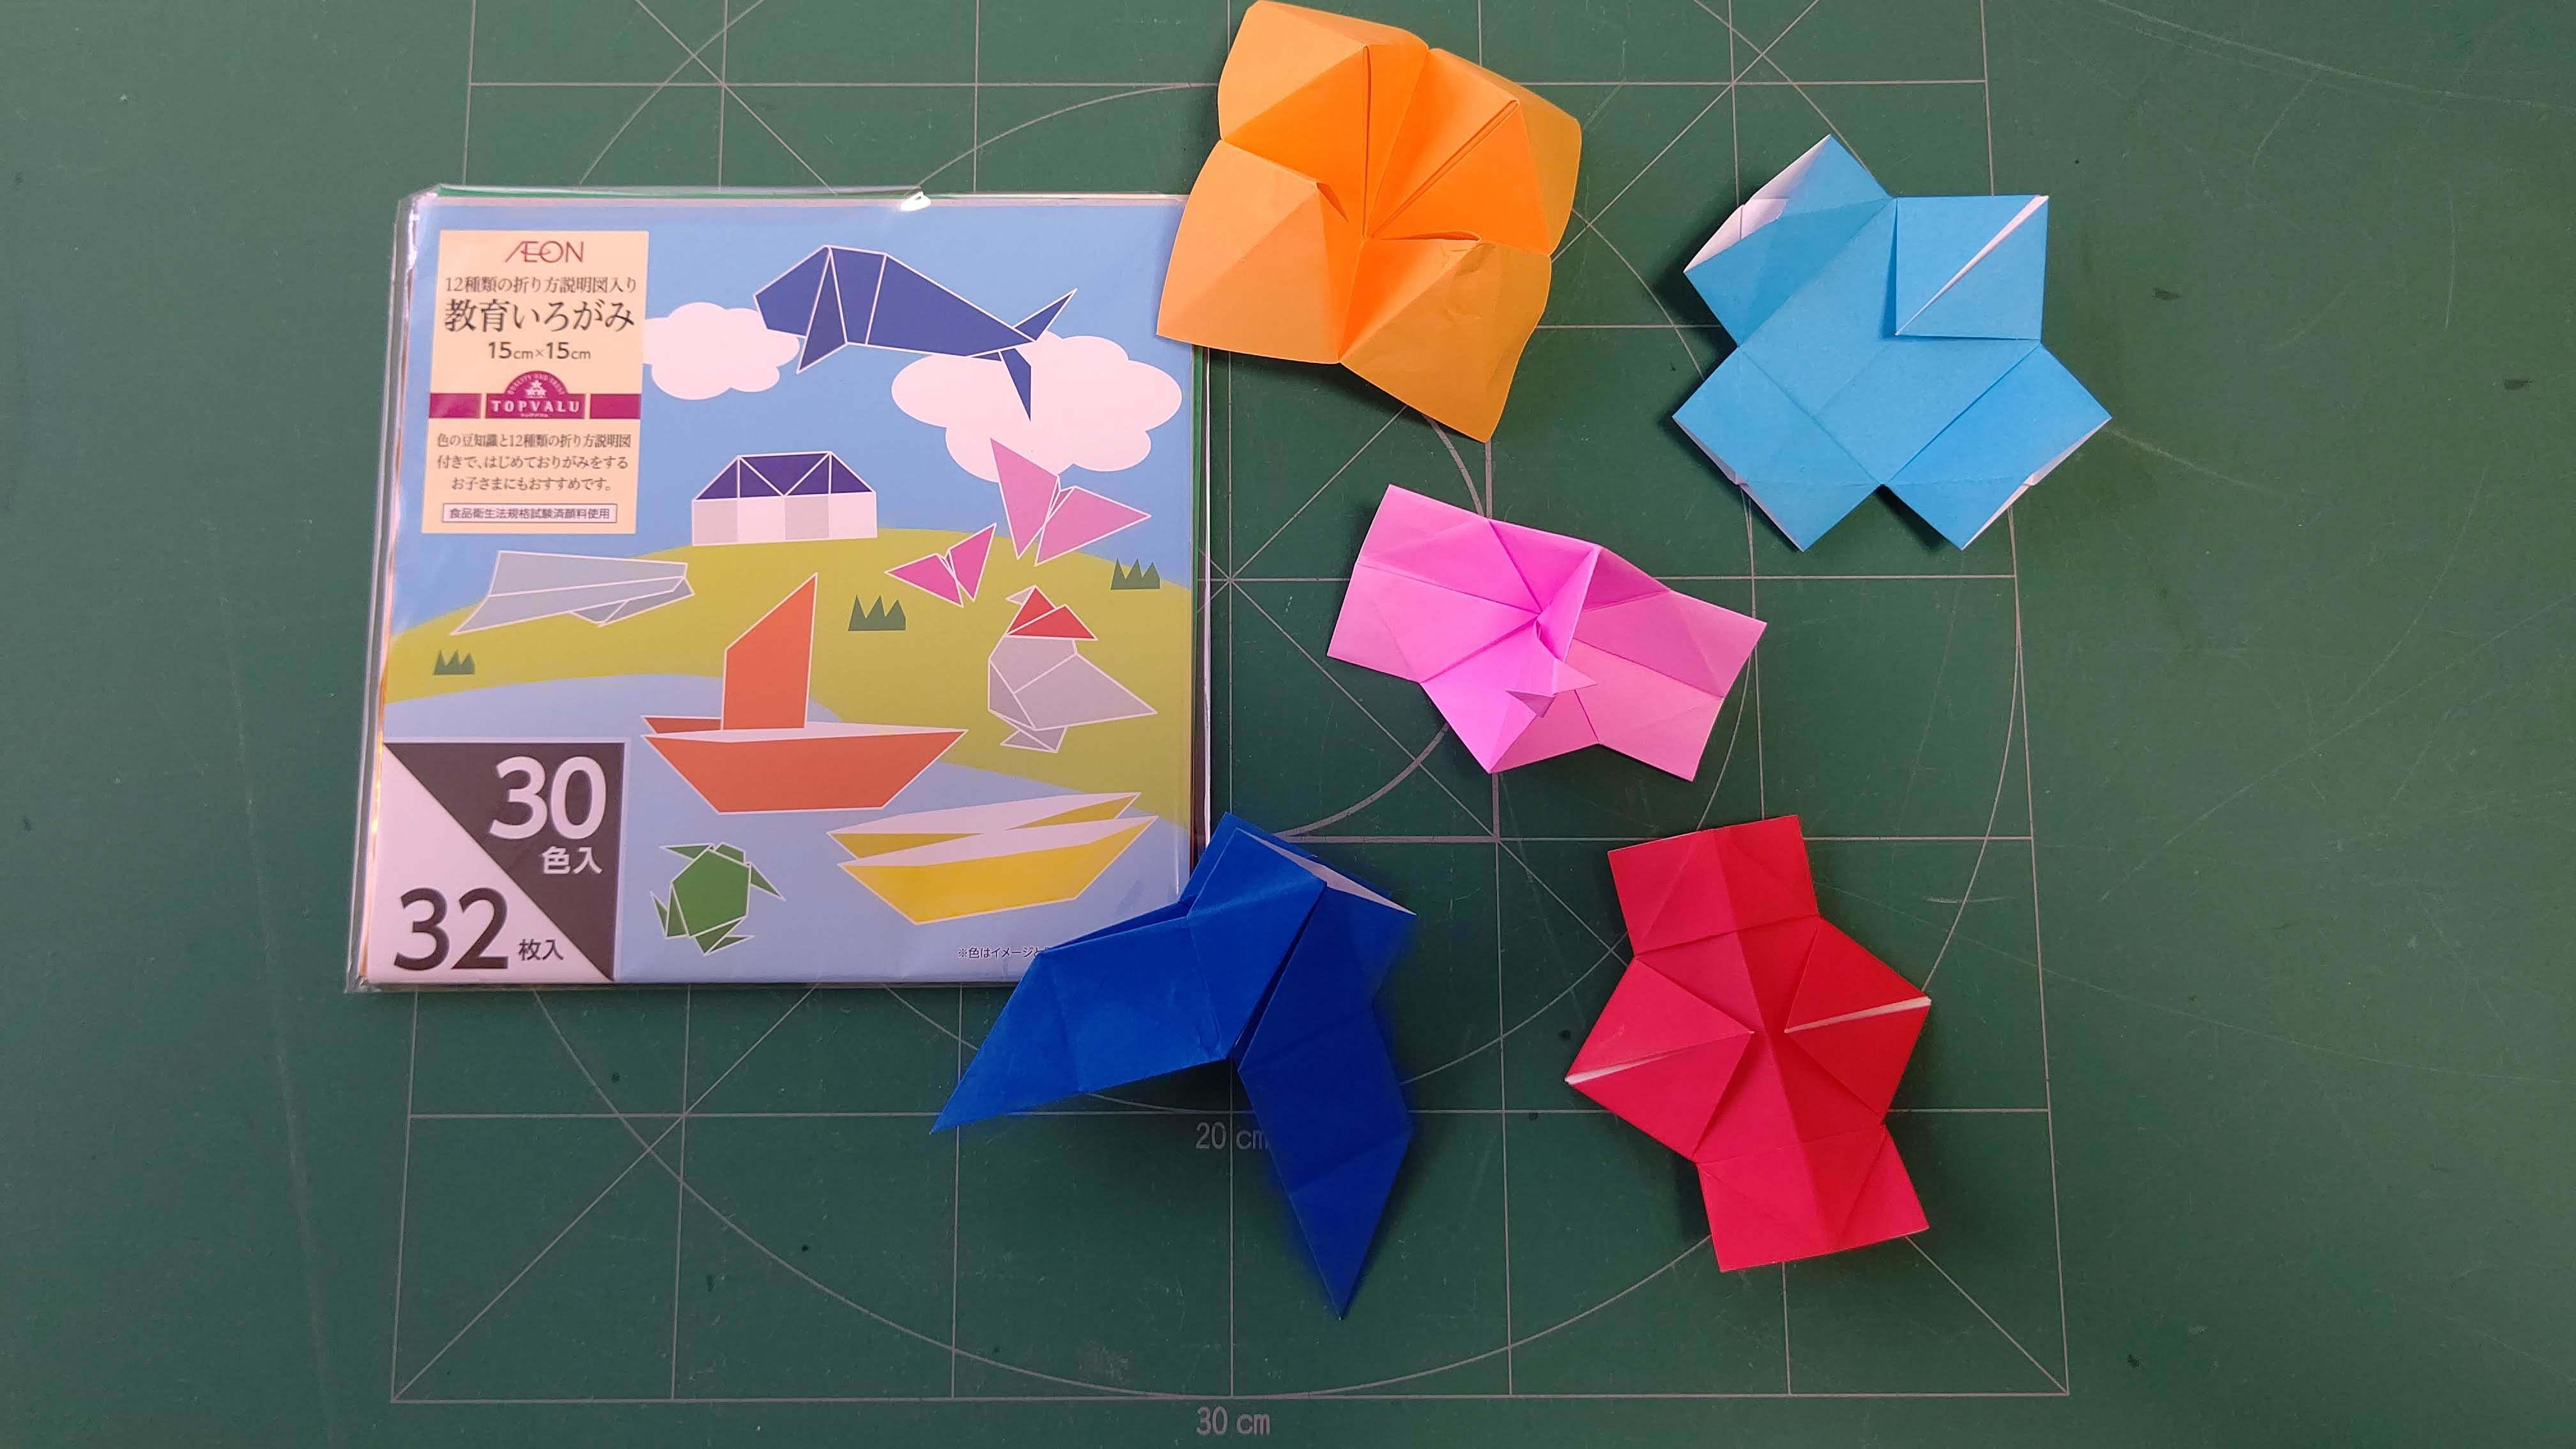 パッチンカメラ(折り紙)の折り方!簡単な手順や作り方のコツを紹介!